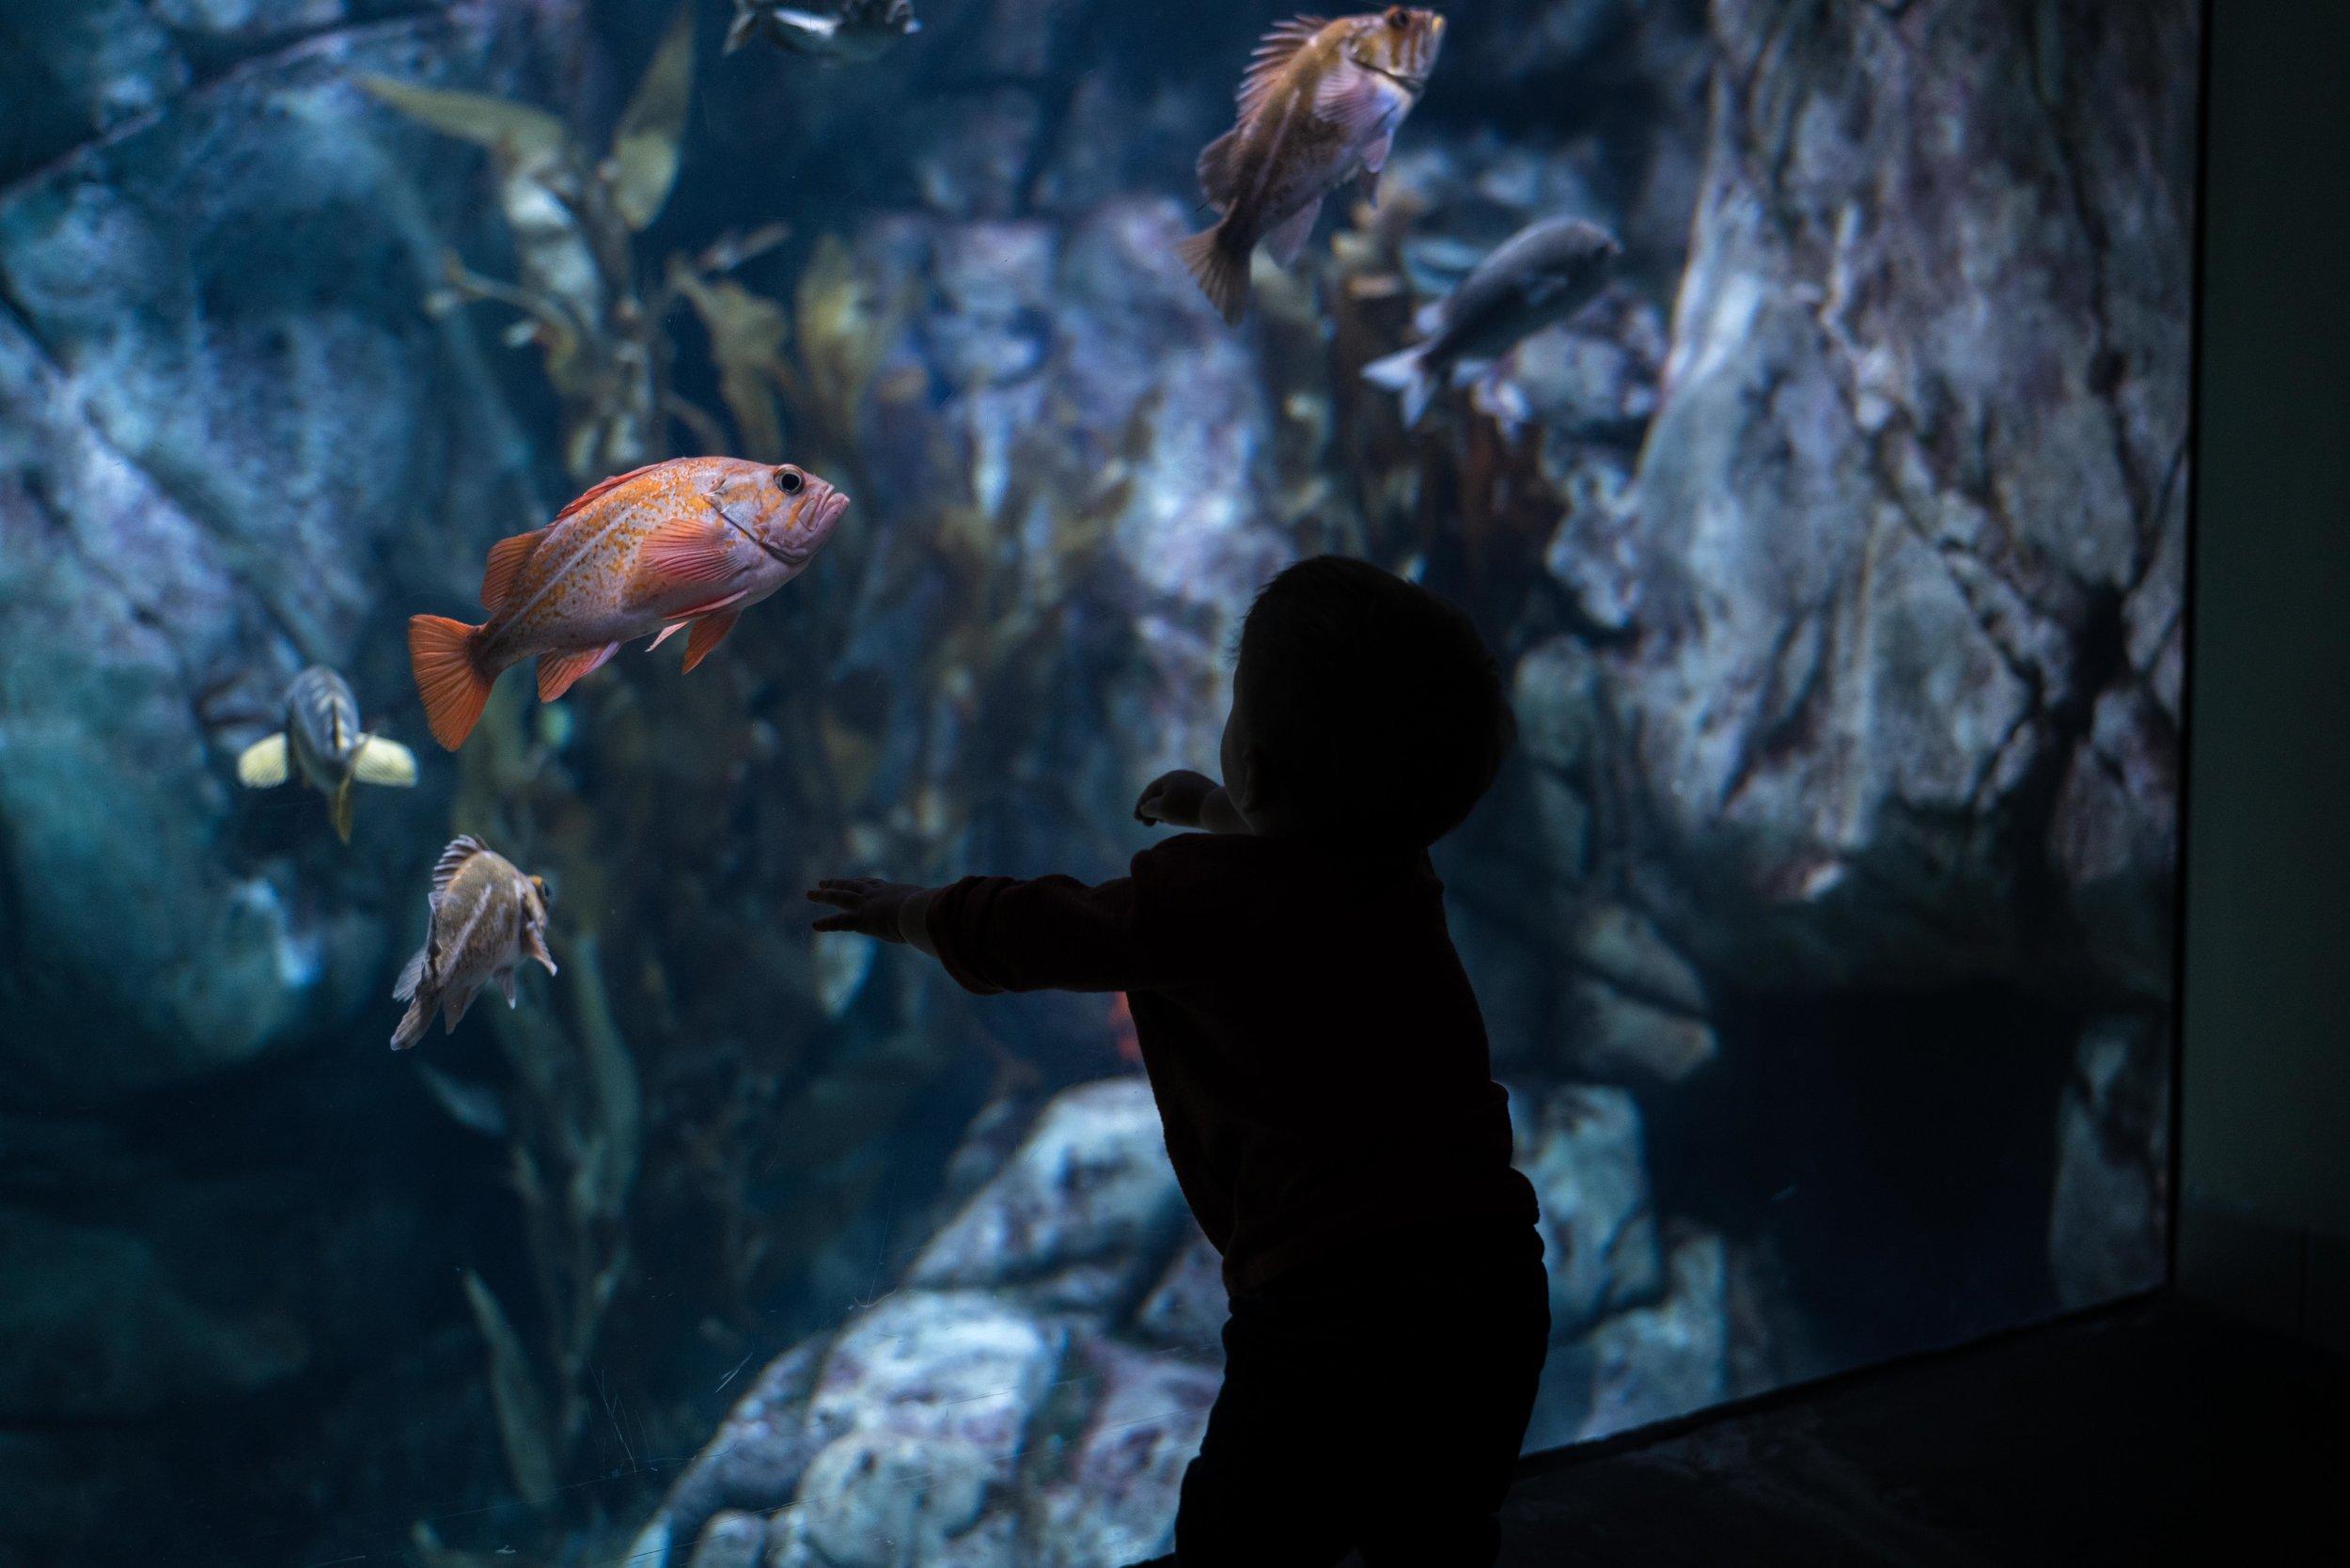 ESW_12.02.18_Aquarium-6.jpg